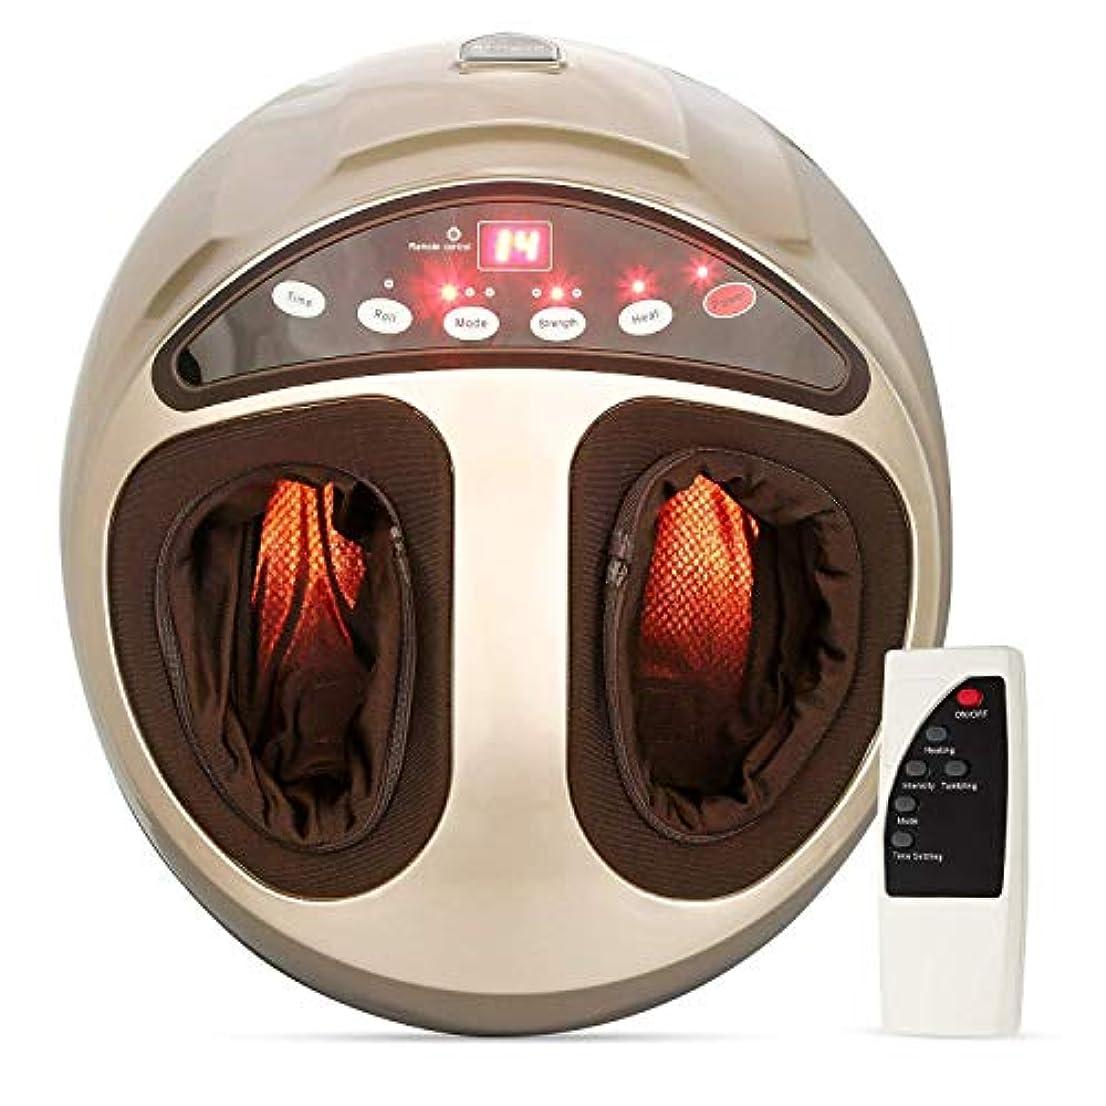 無人ページェントプール指圧電動足マッサージ器足マッサージ機加熱深圧力空気圧縮調節可能な強度健康ギフト(EU)